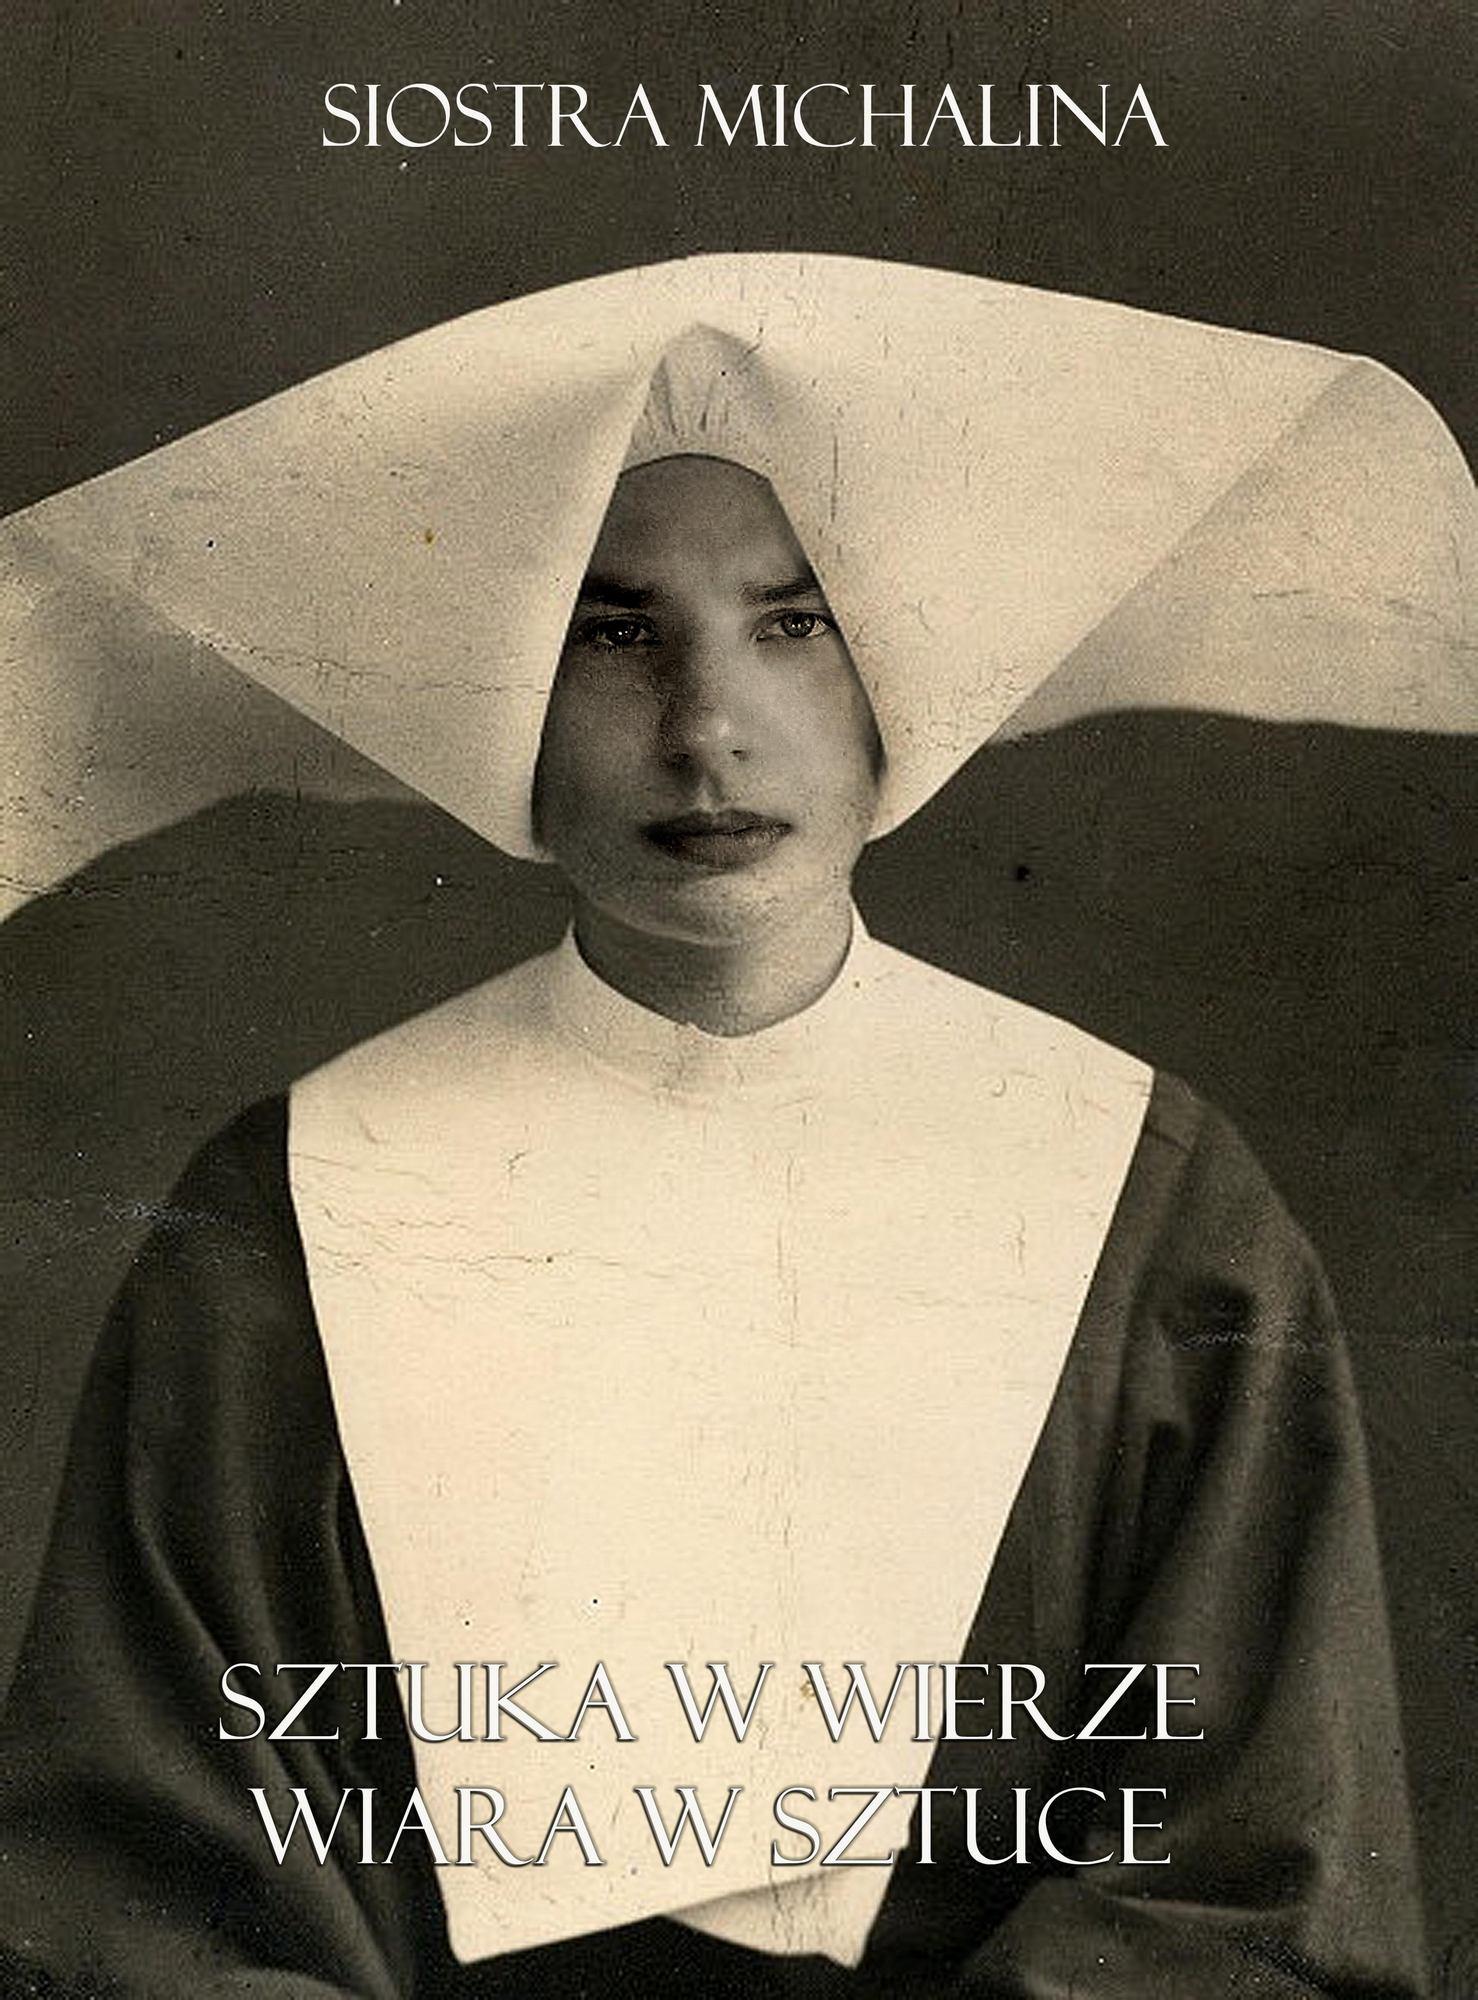 Siostra Michalina – okładka książki (źródło: materiały prasowe)